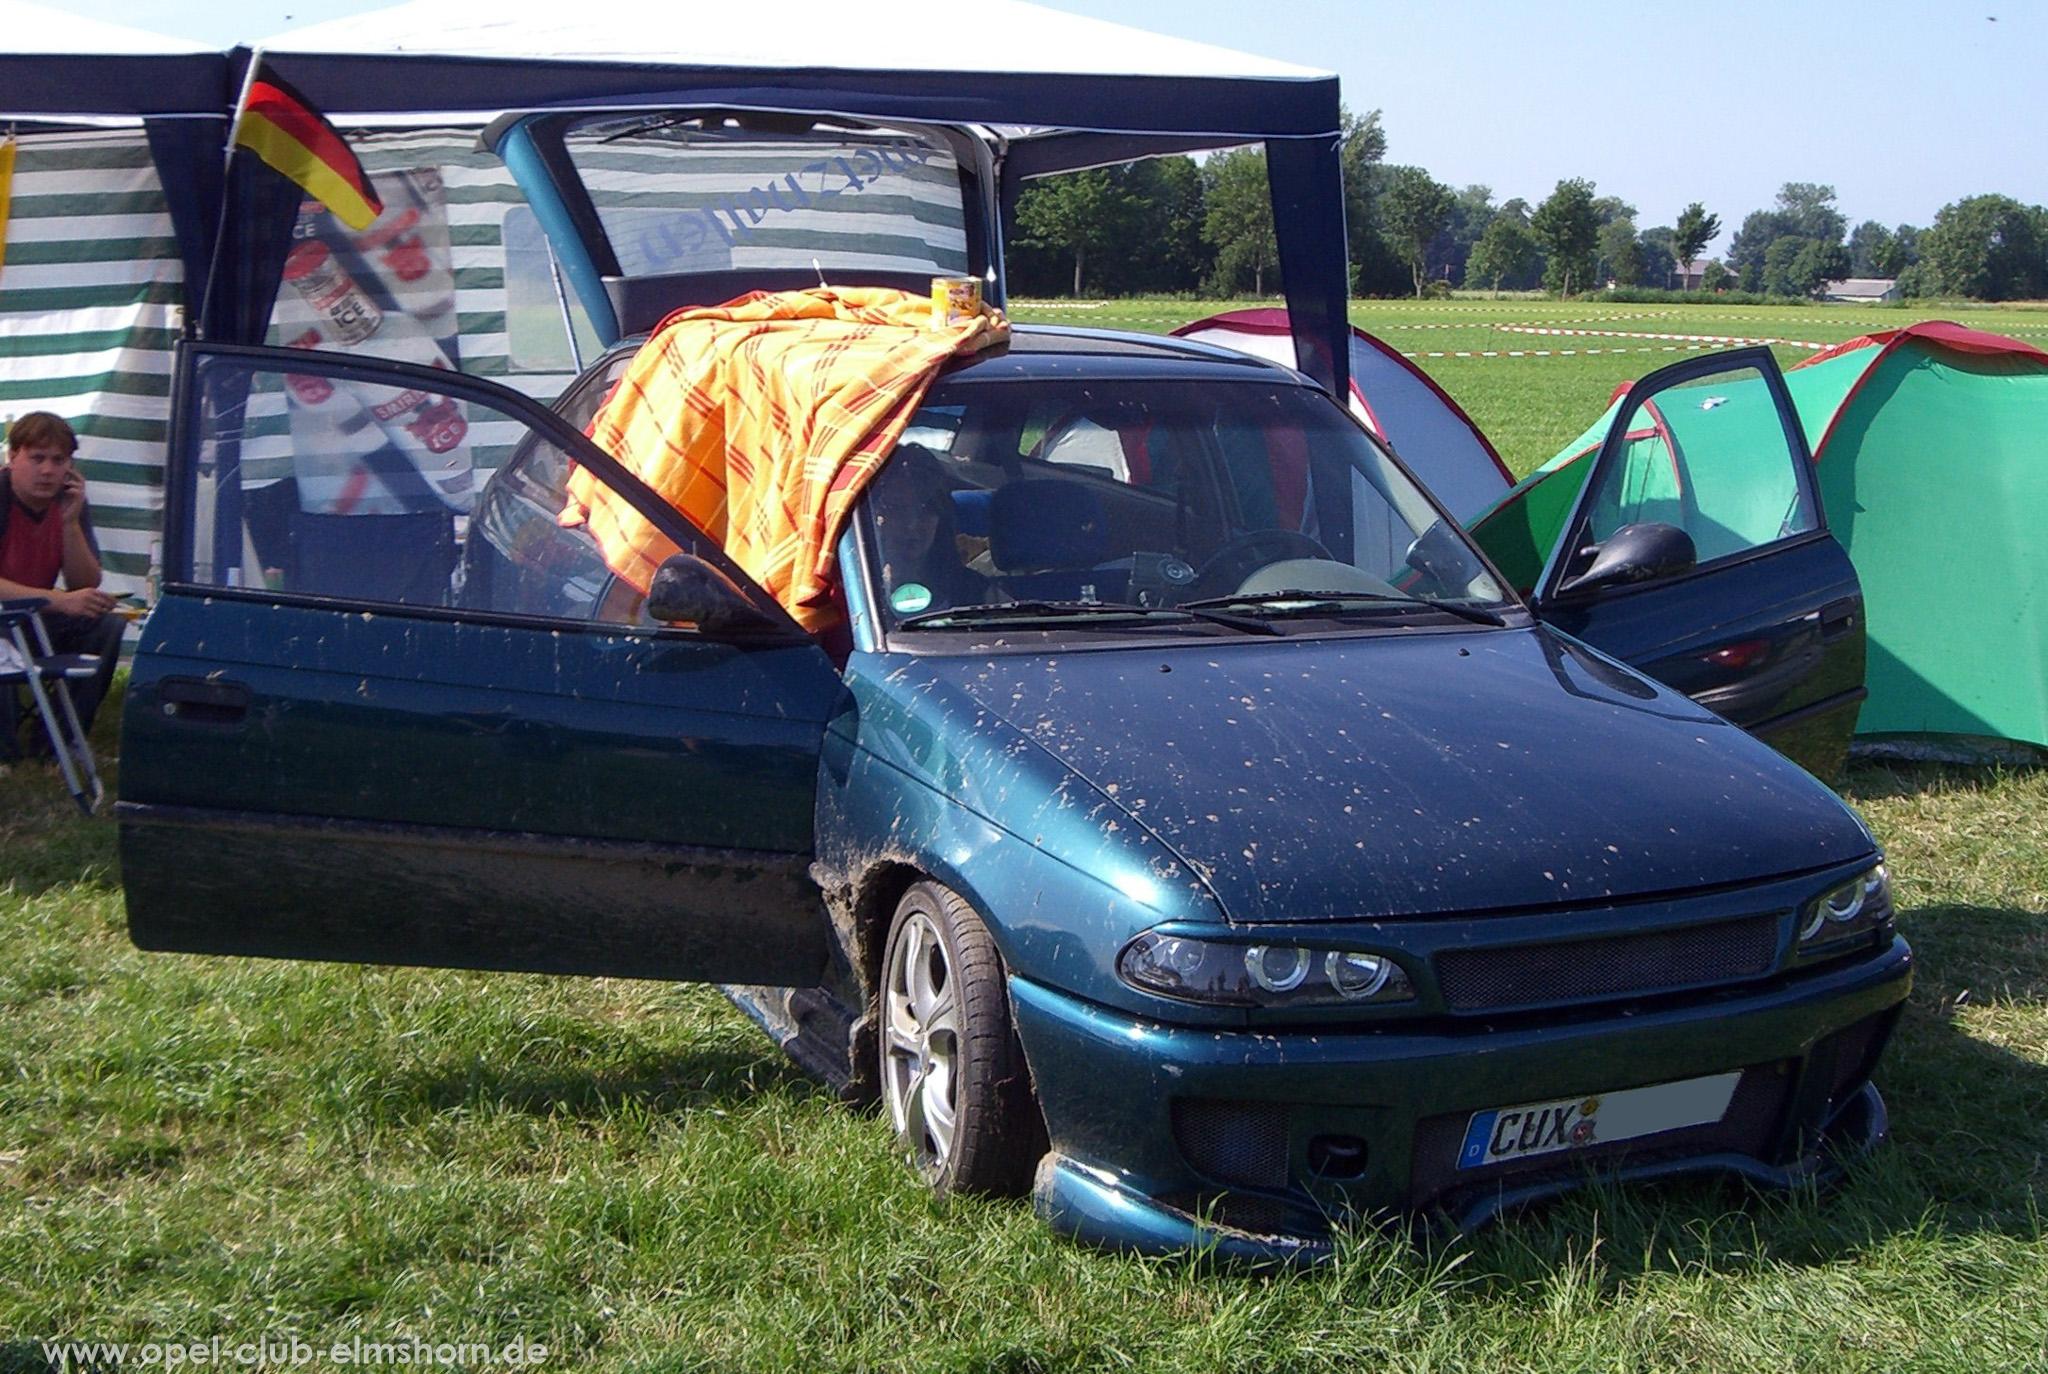 Opeltreffen Brunsbüttel Opelfreunde 2008 - 20080704_164626 - Astra F